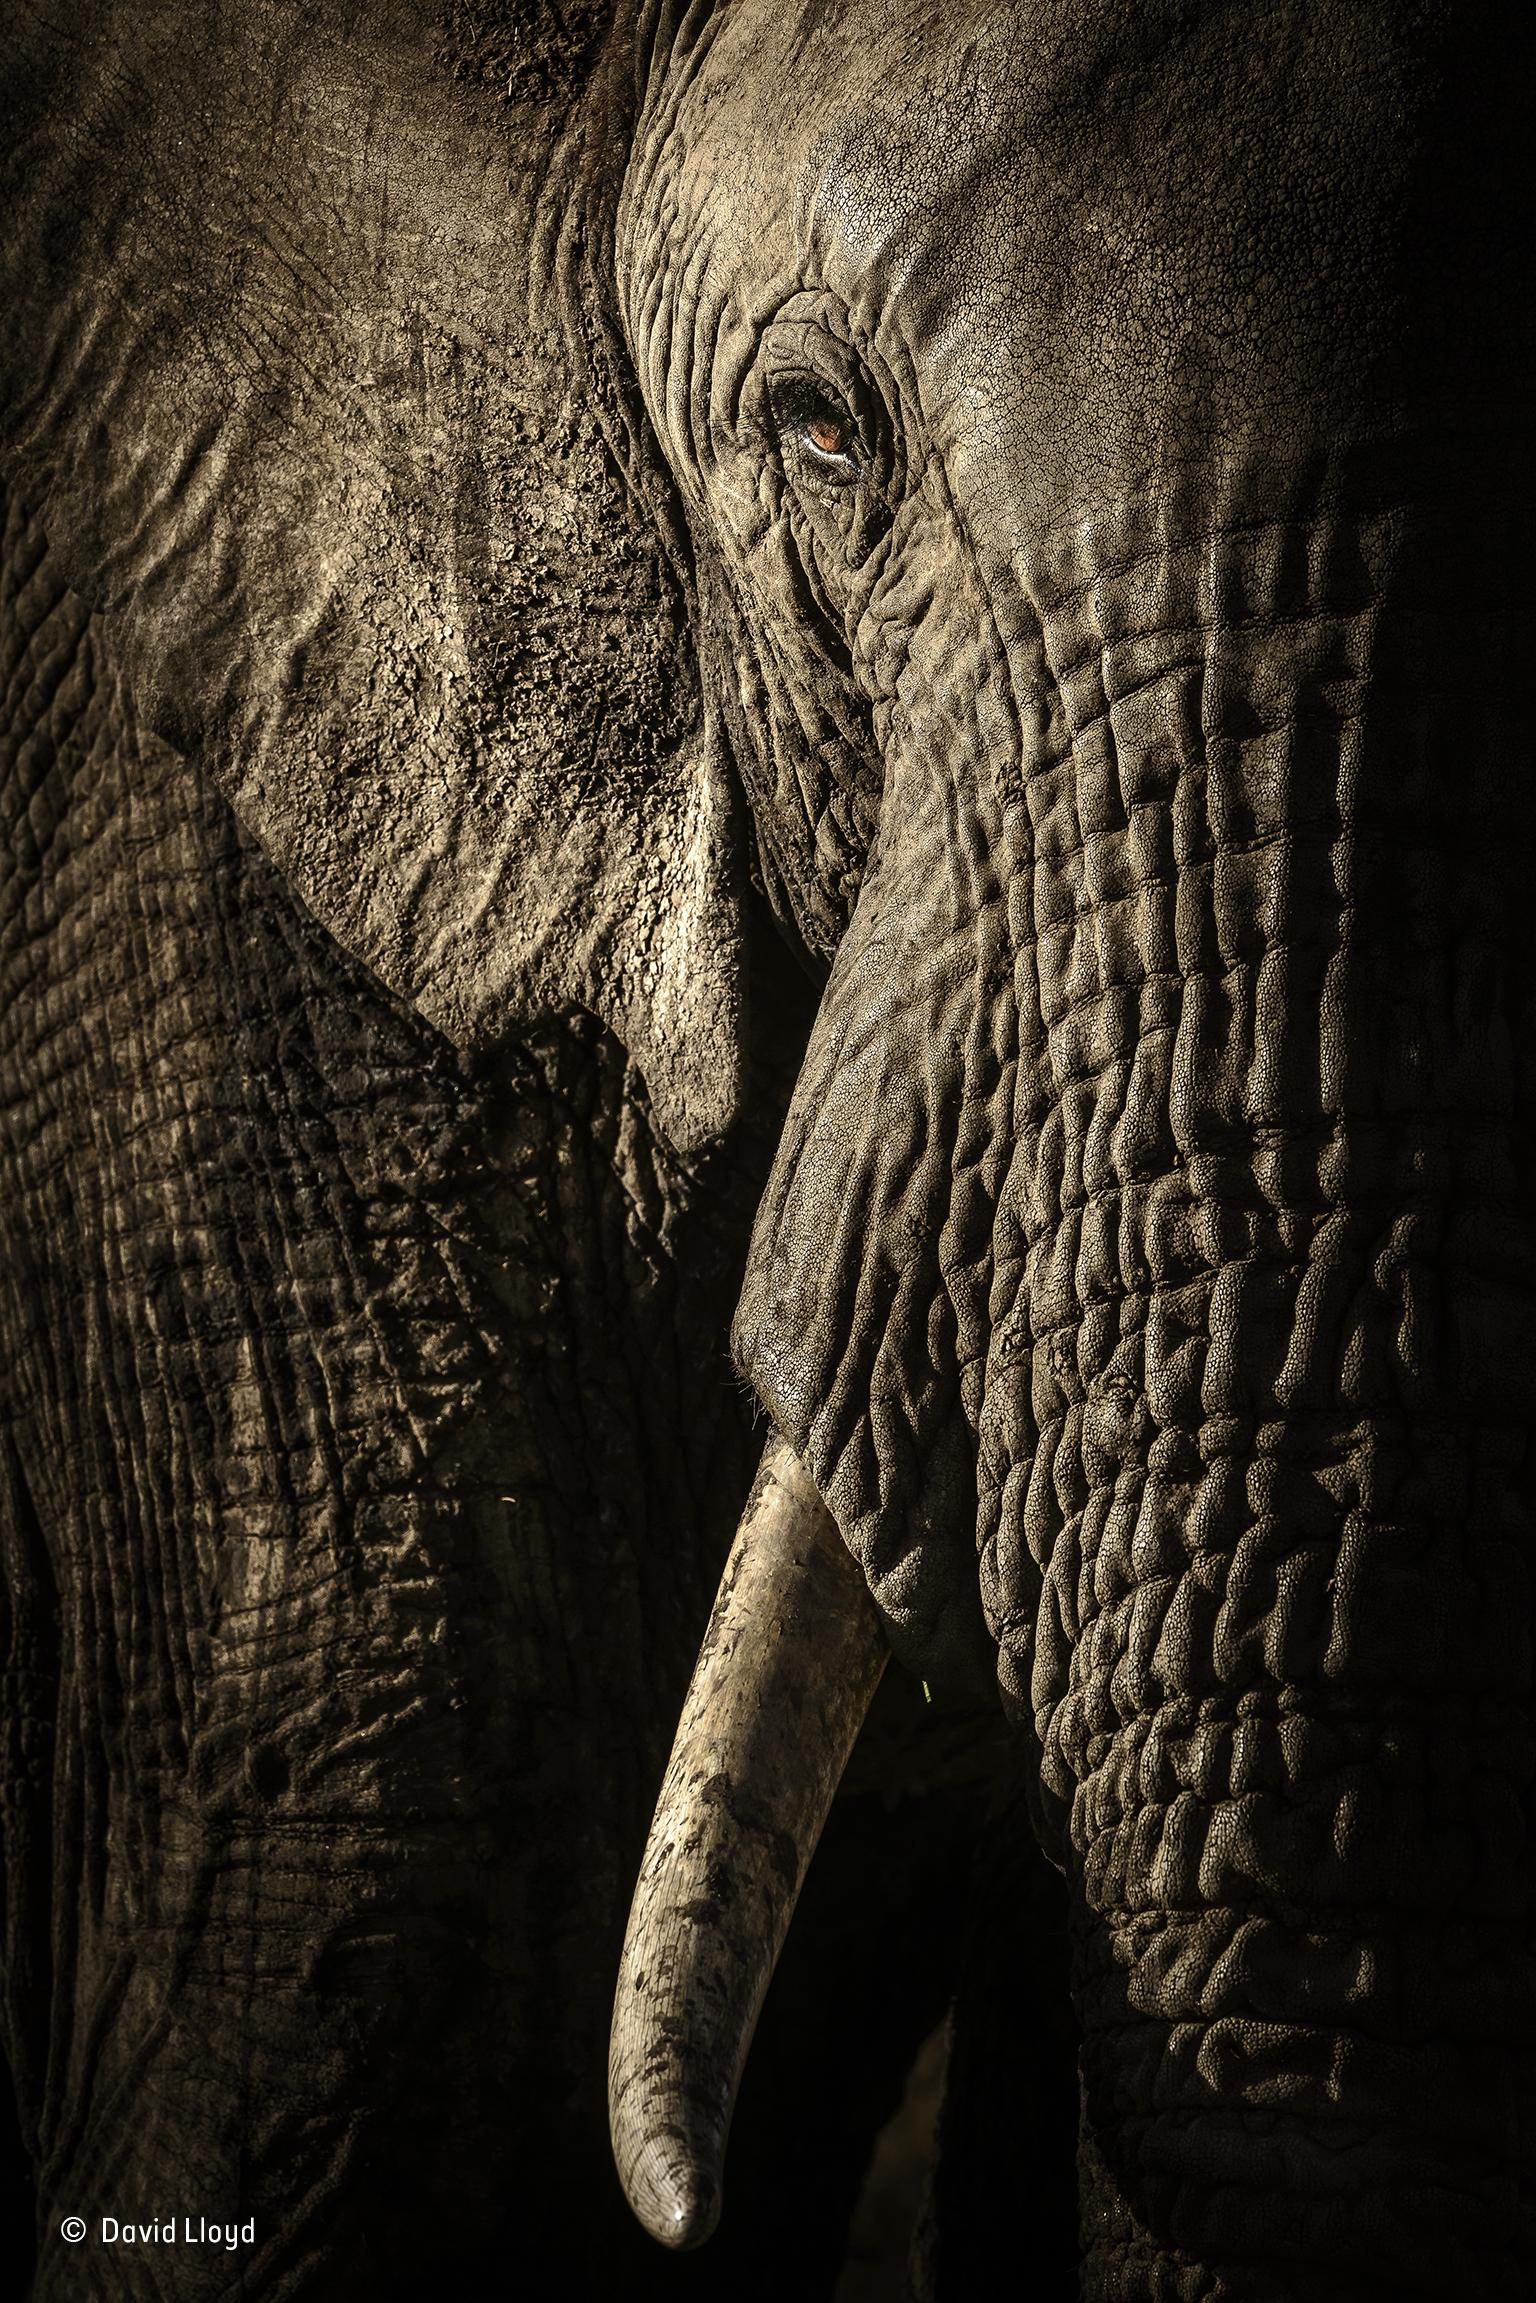 a close up shot of a wrinkled elephant